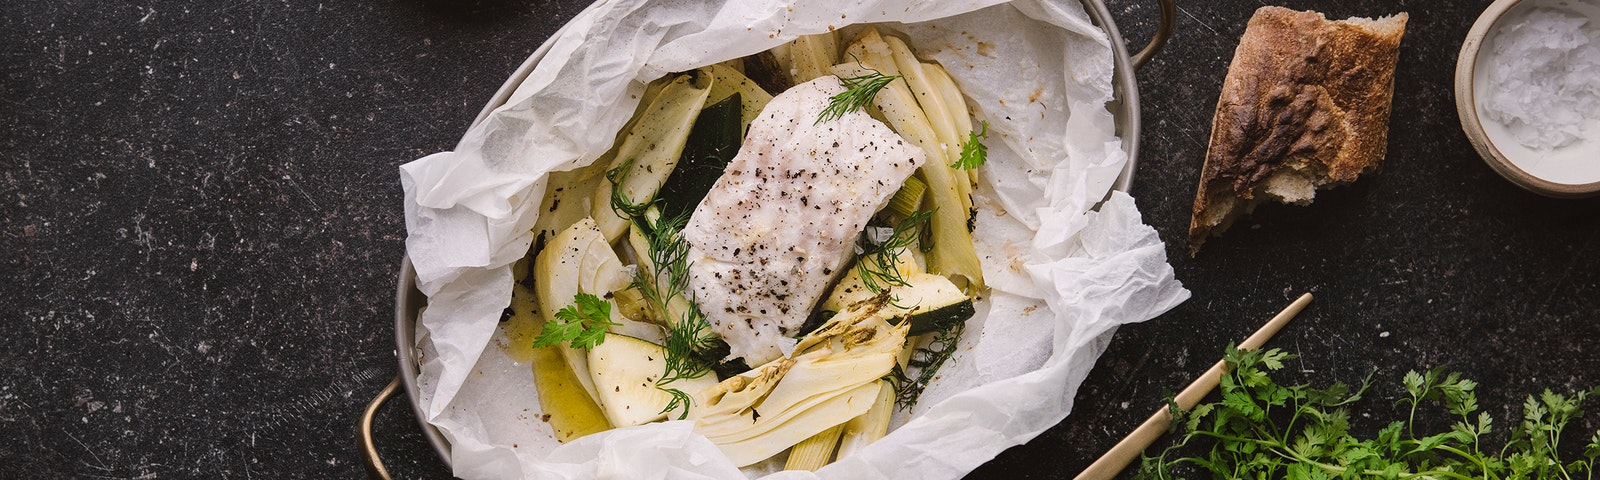 Bagt torsk, grillet fennikel og dildmayo